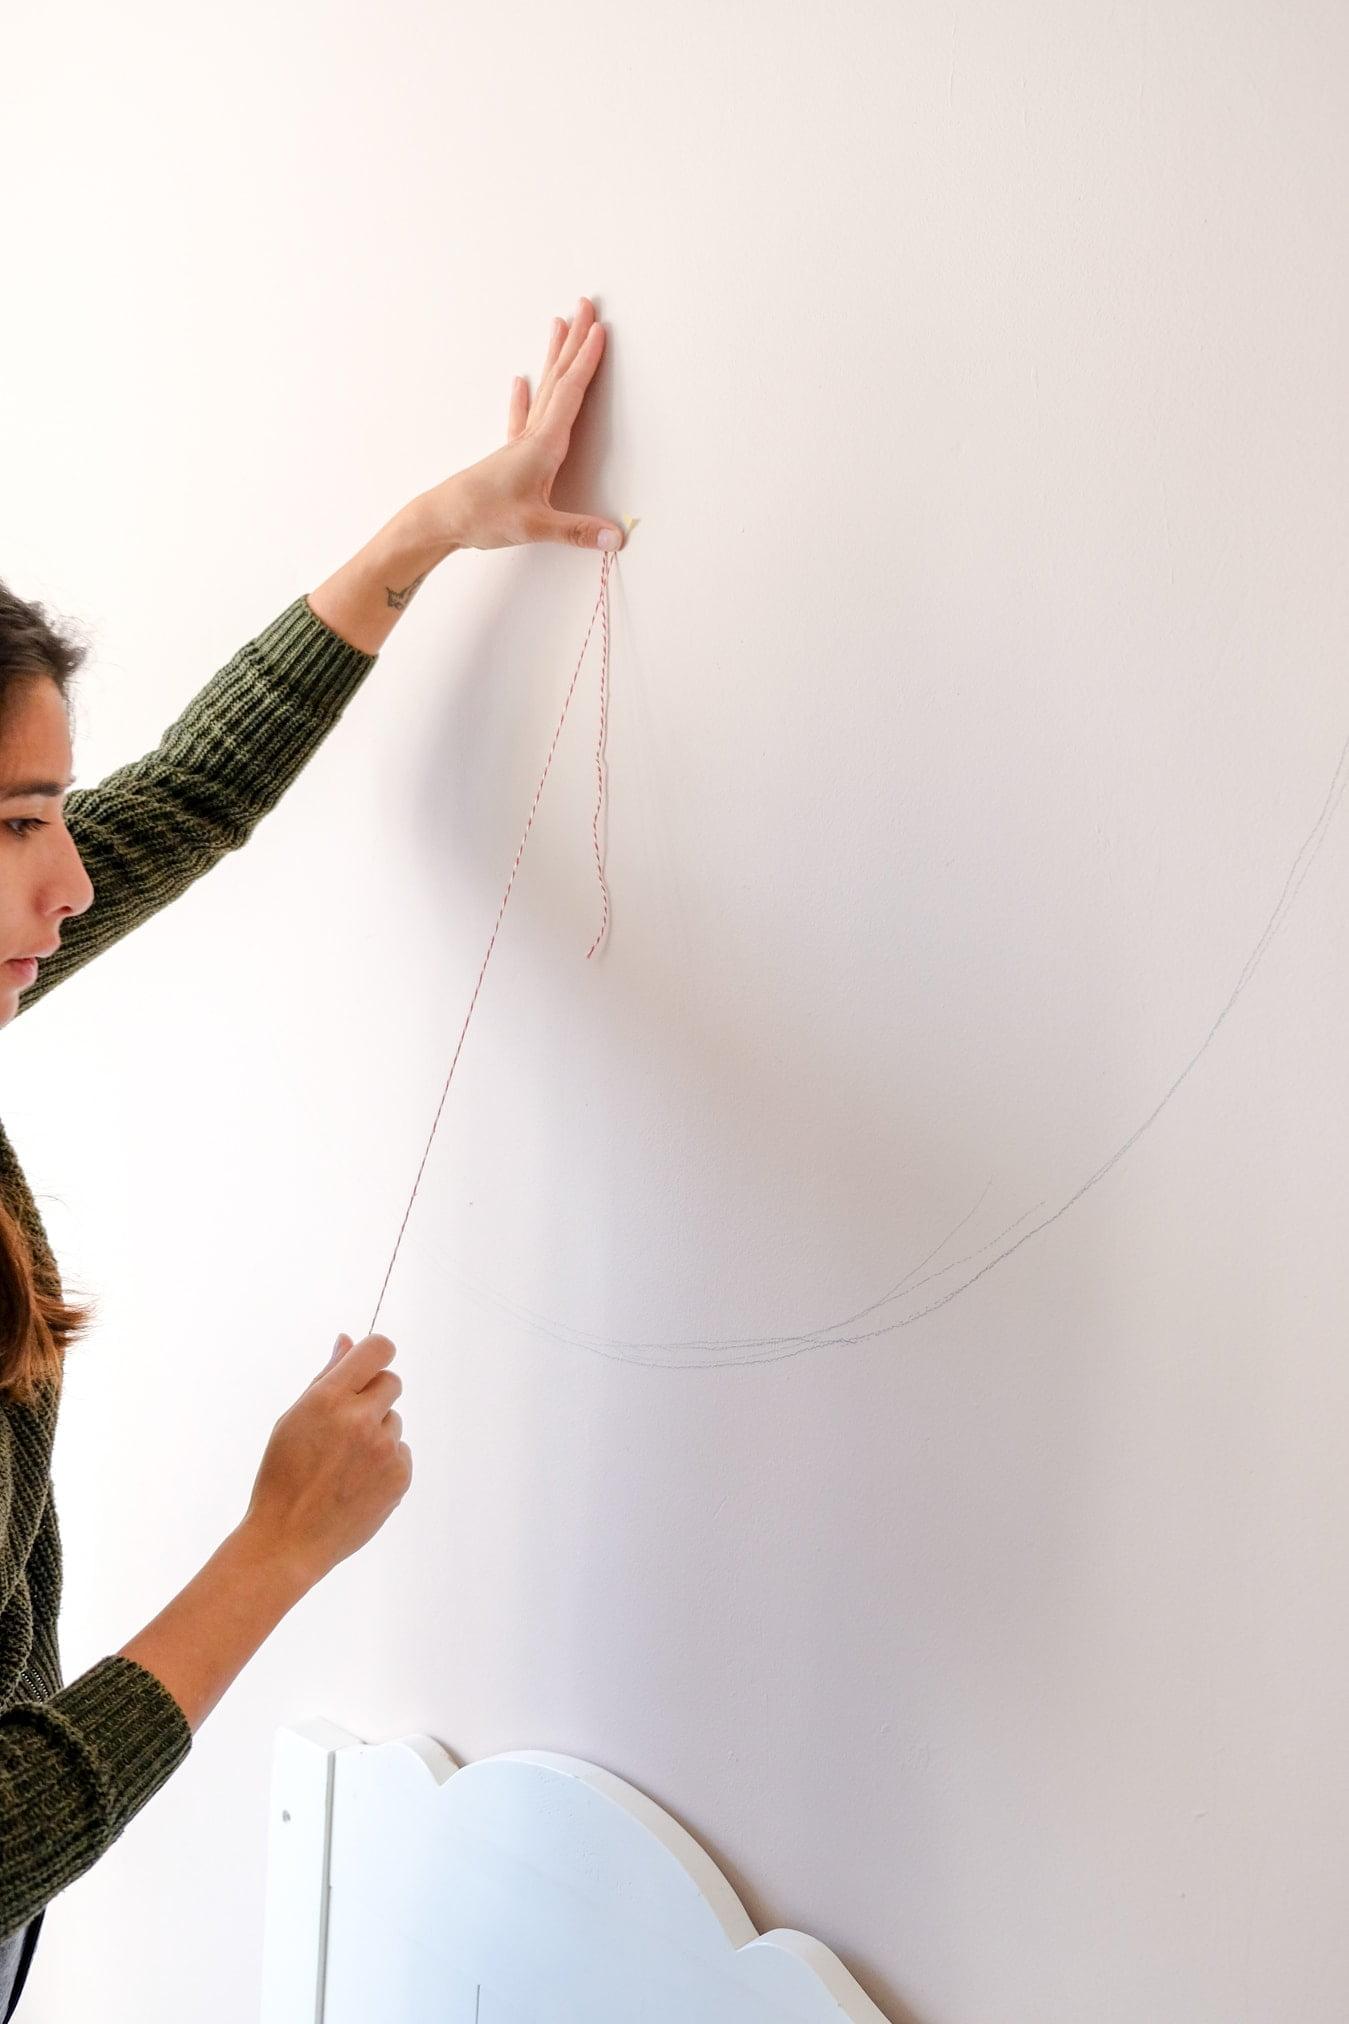 cirkel op de muur tekenen